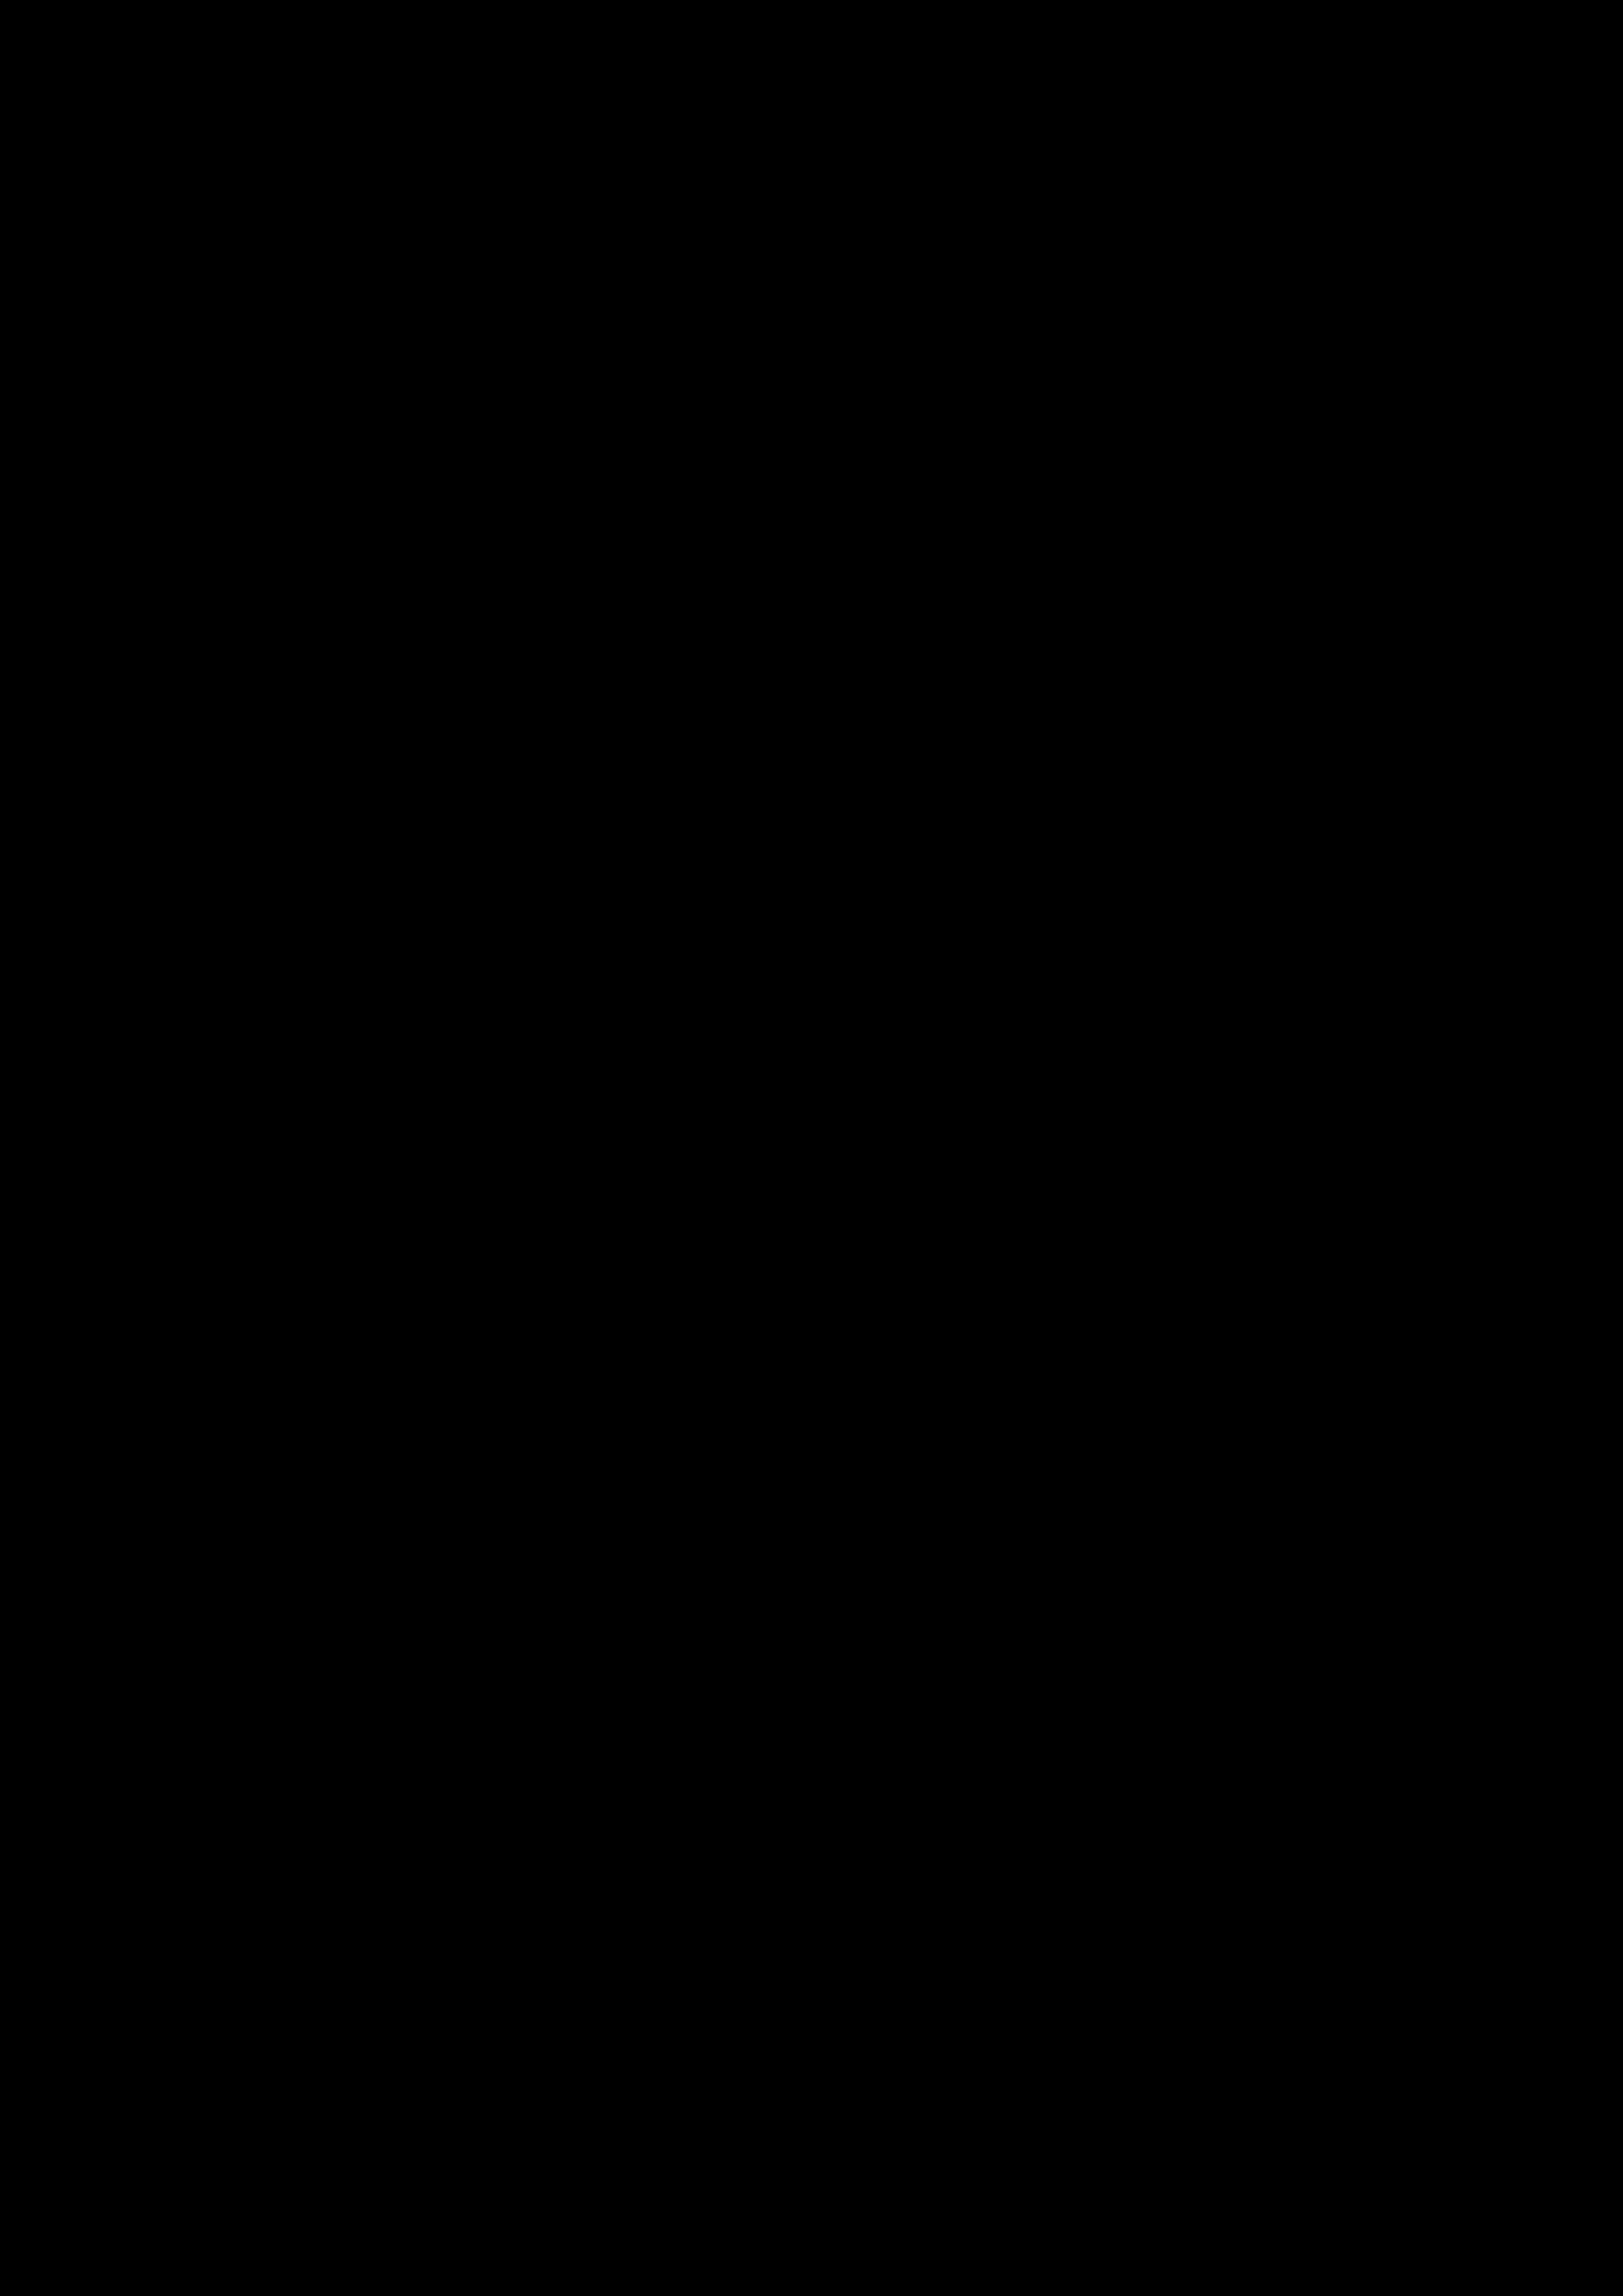 メヌエット ト長調2の楽譜